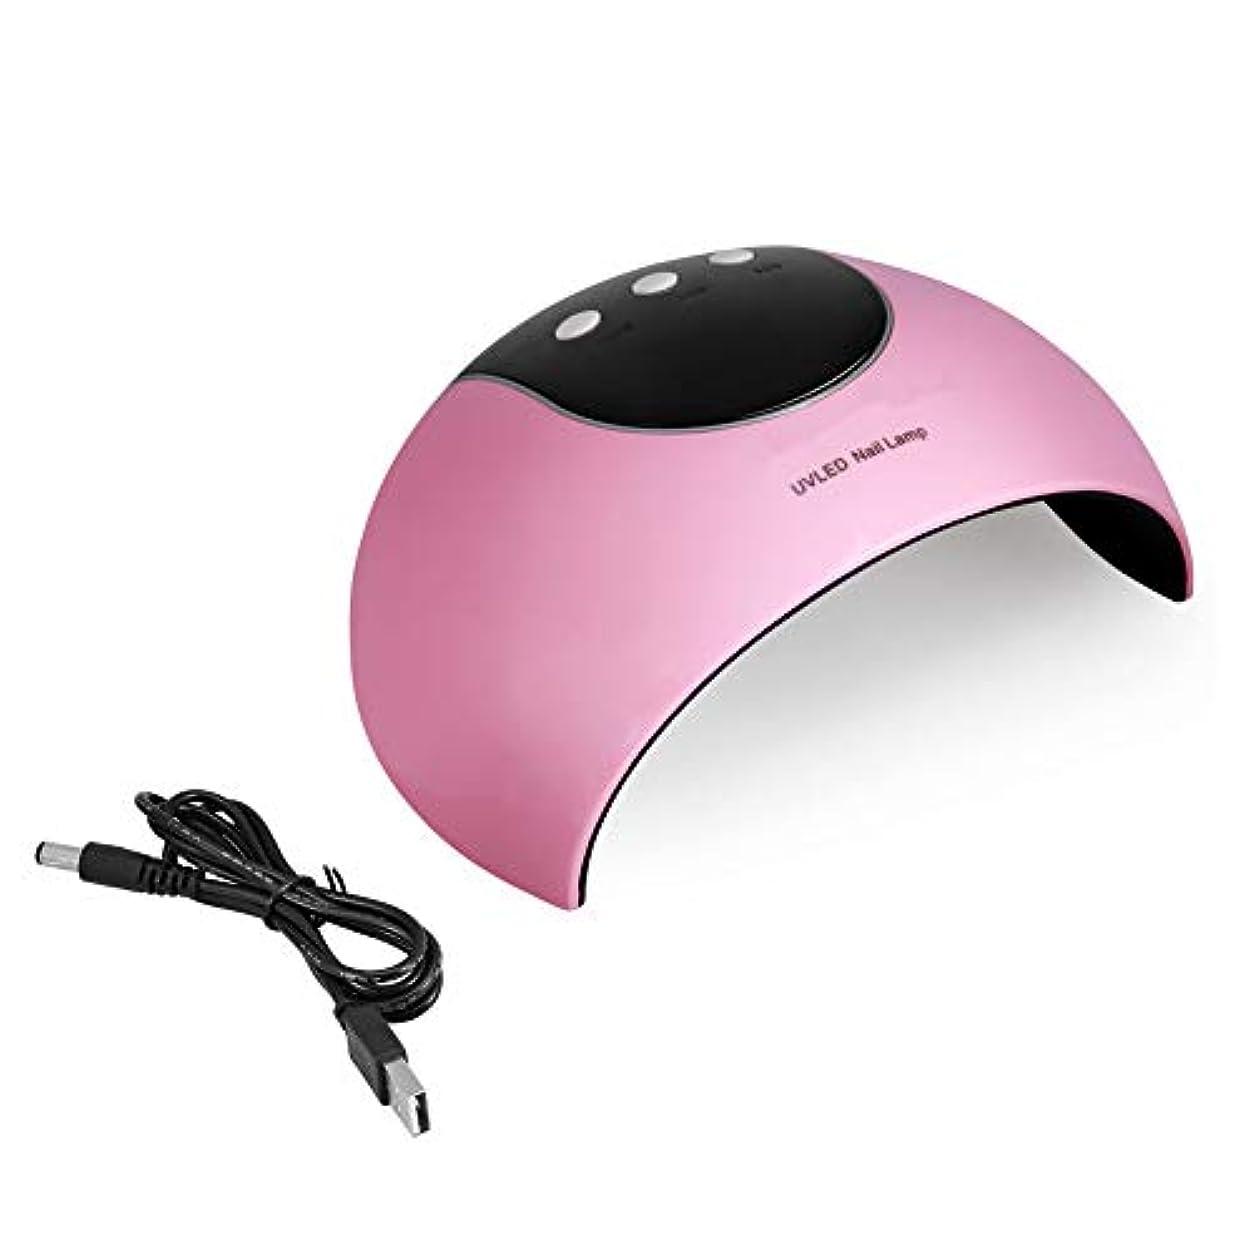 より良い変数期待UVネイルランプ - 24W LEDネイルマニキュアランプネイルポリッシュドライヤーオートセンサーマシンネイルアートドライヤーピンク (Color : Pink)